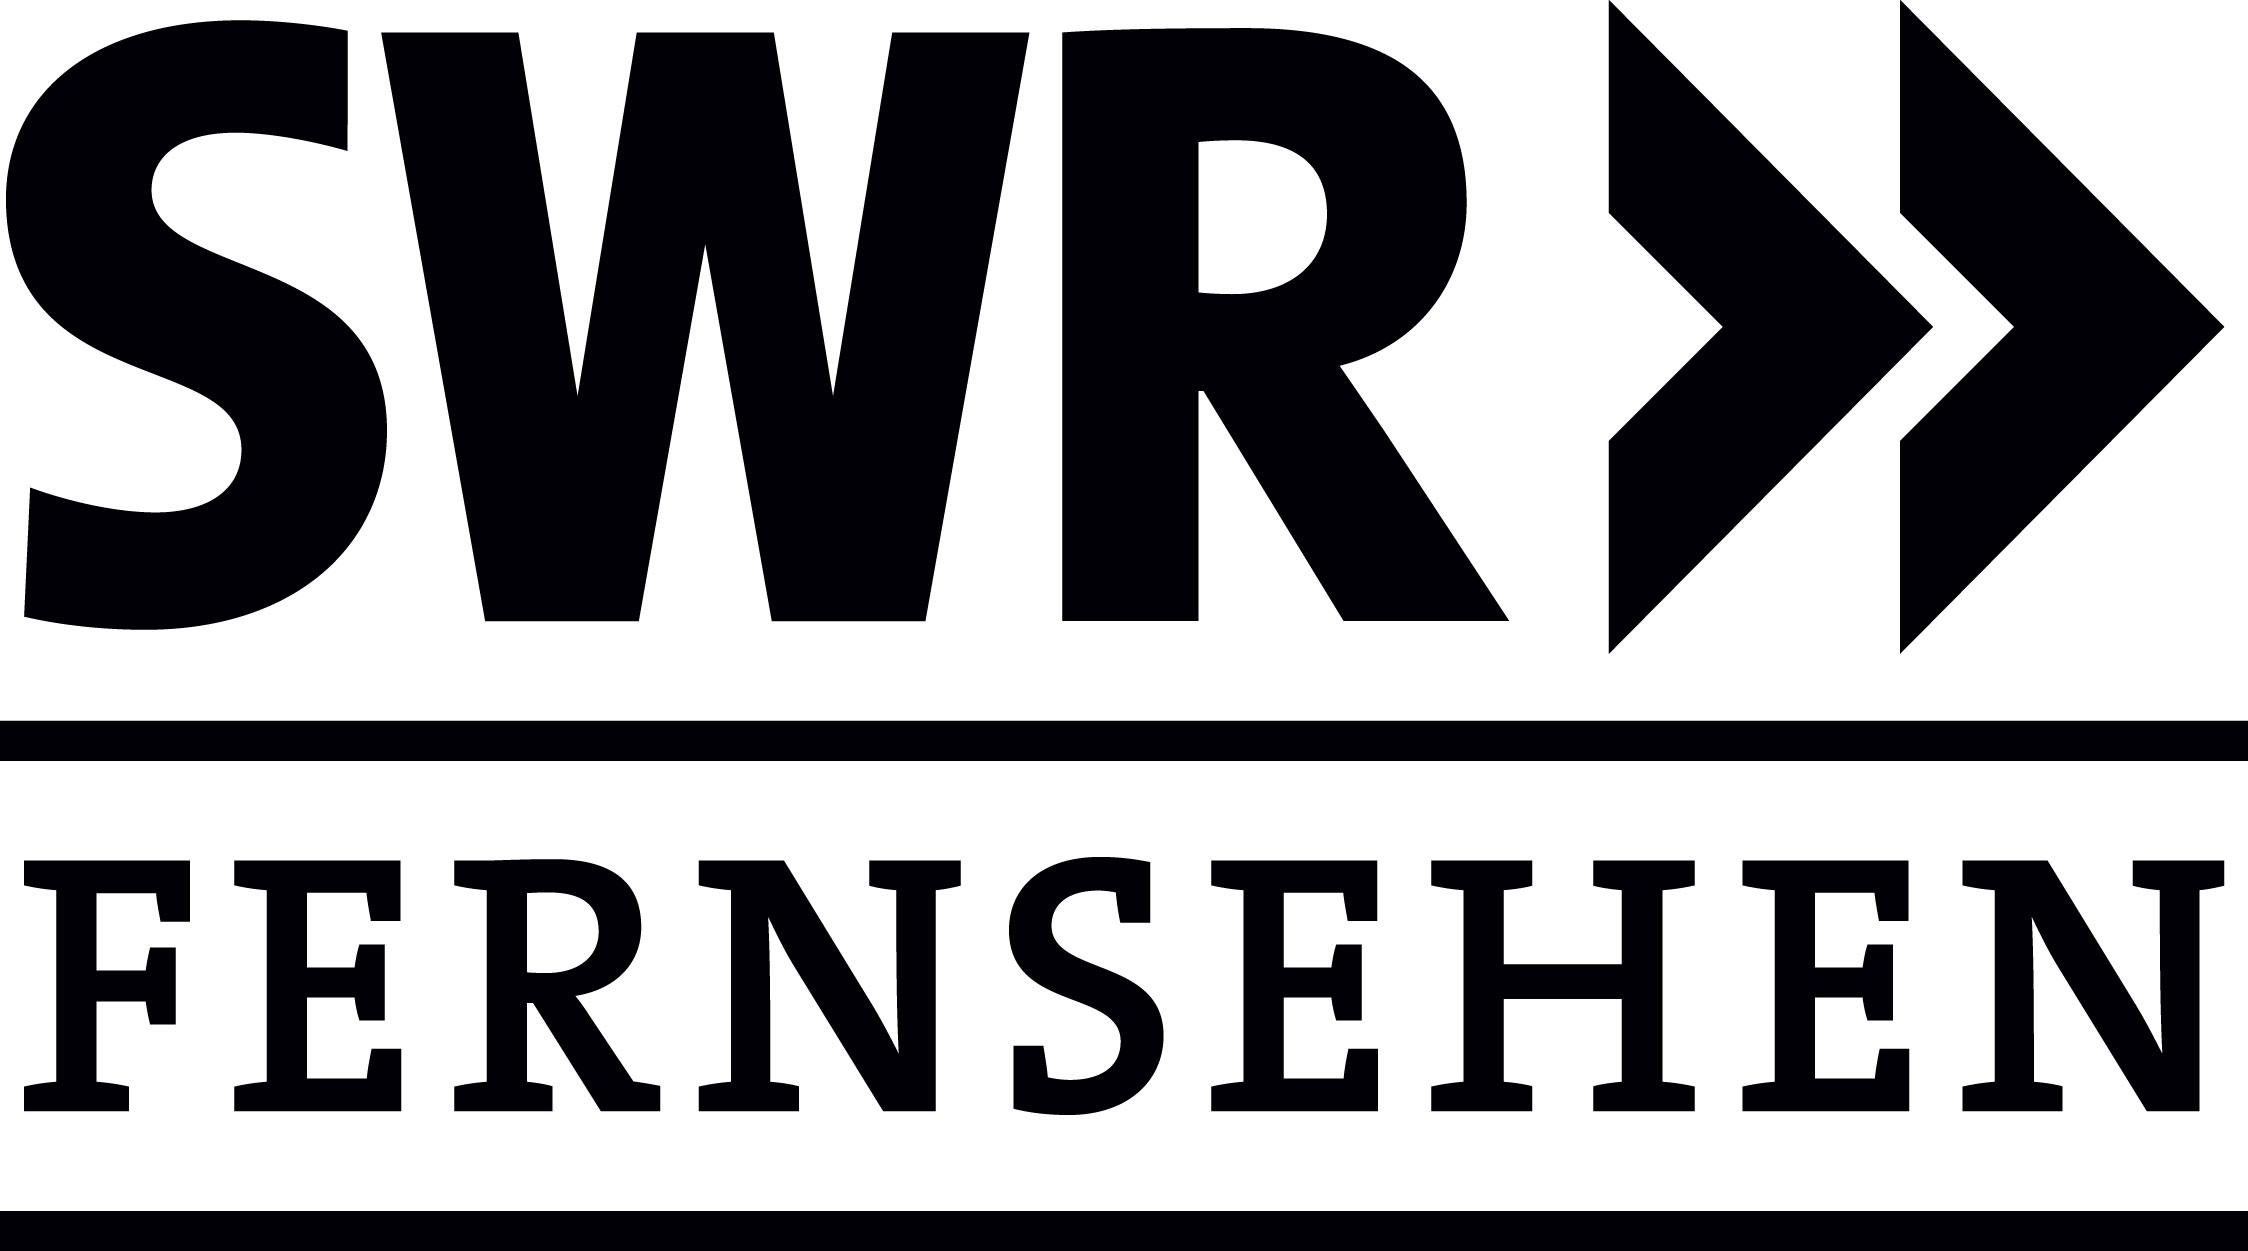 SWR Fernsehen RP im Kabelfernsehen